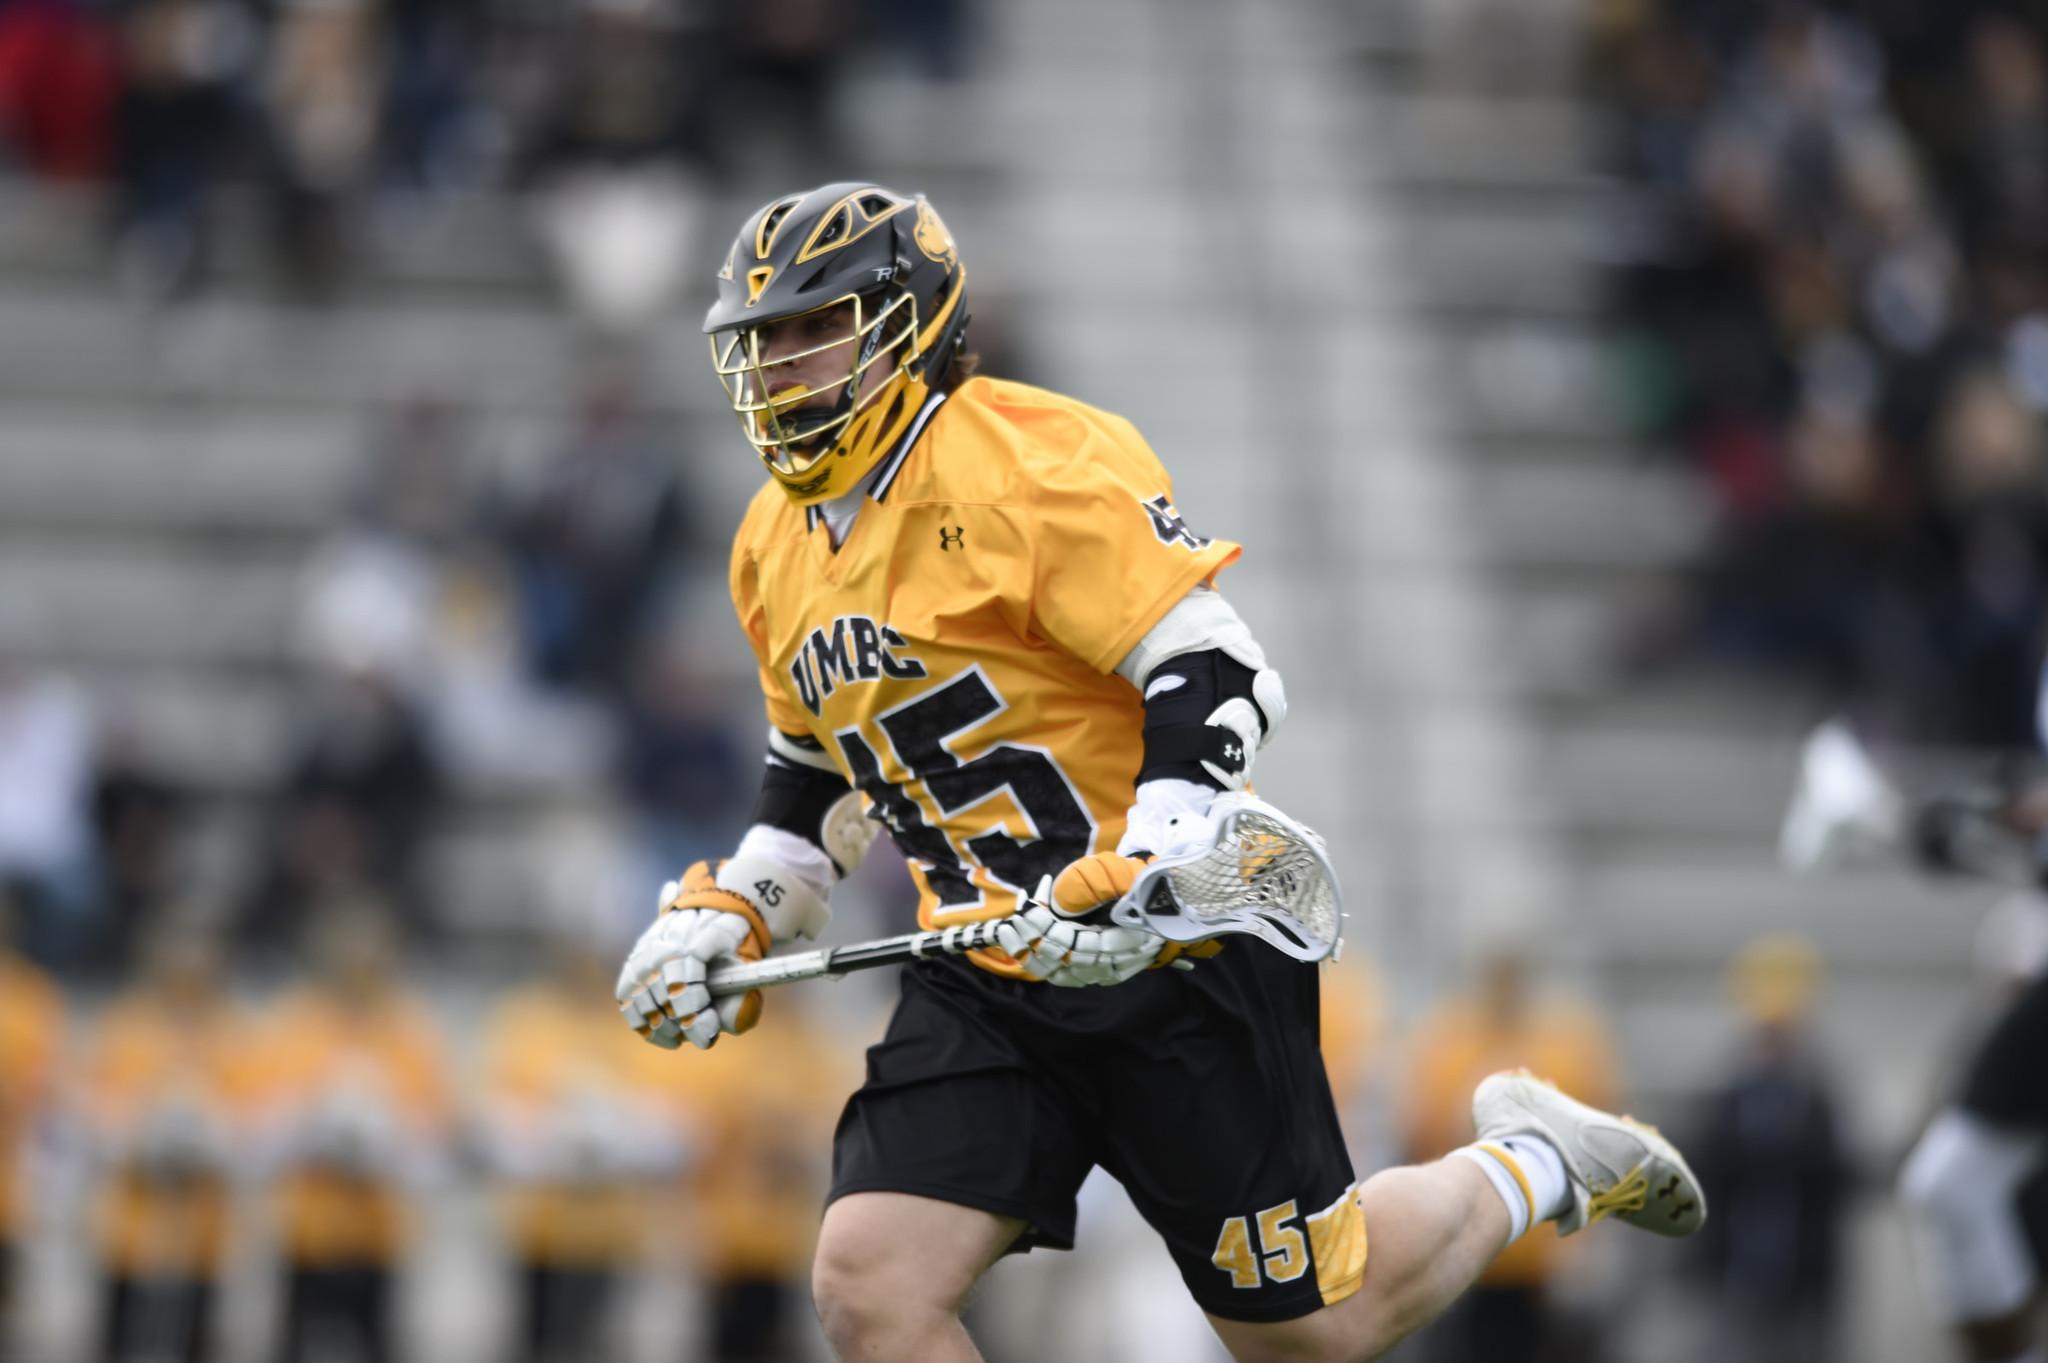 Binghamton at UMBC men's lacrosse: Three things to watch ...